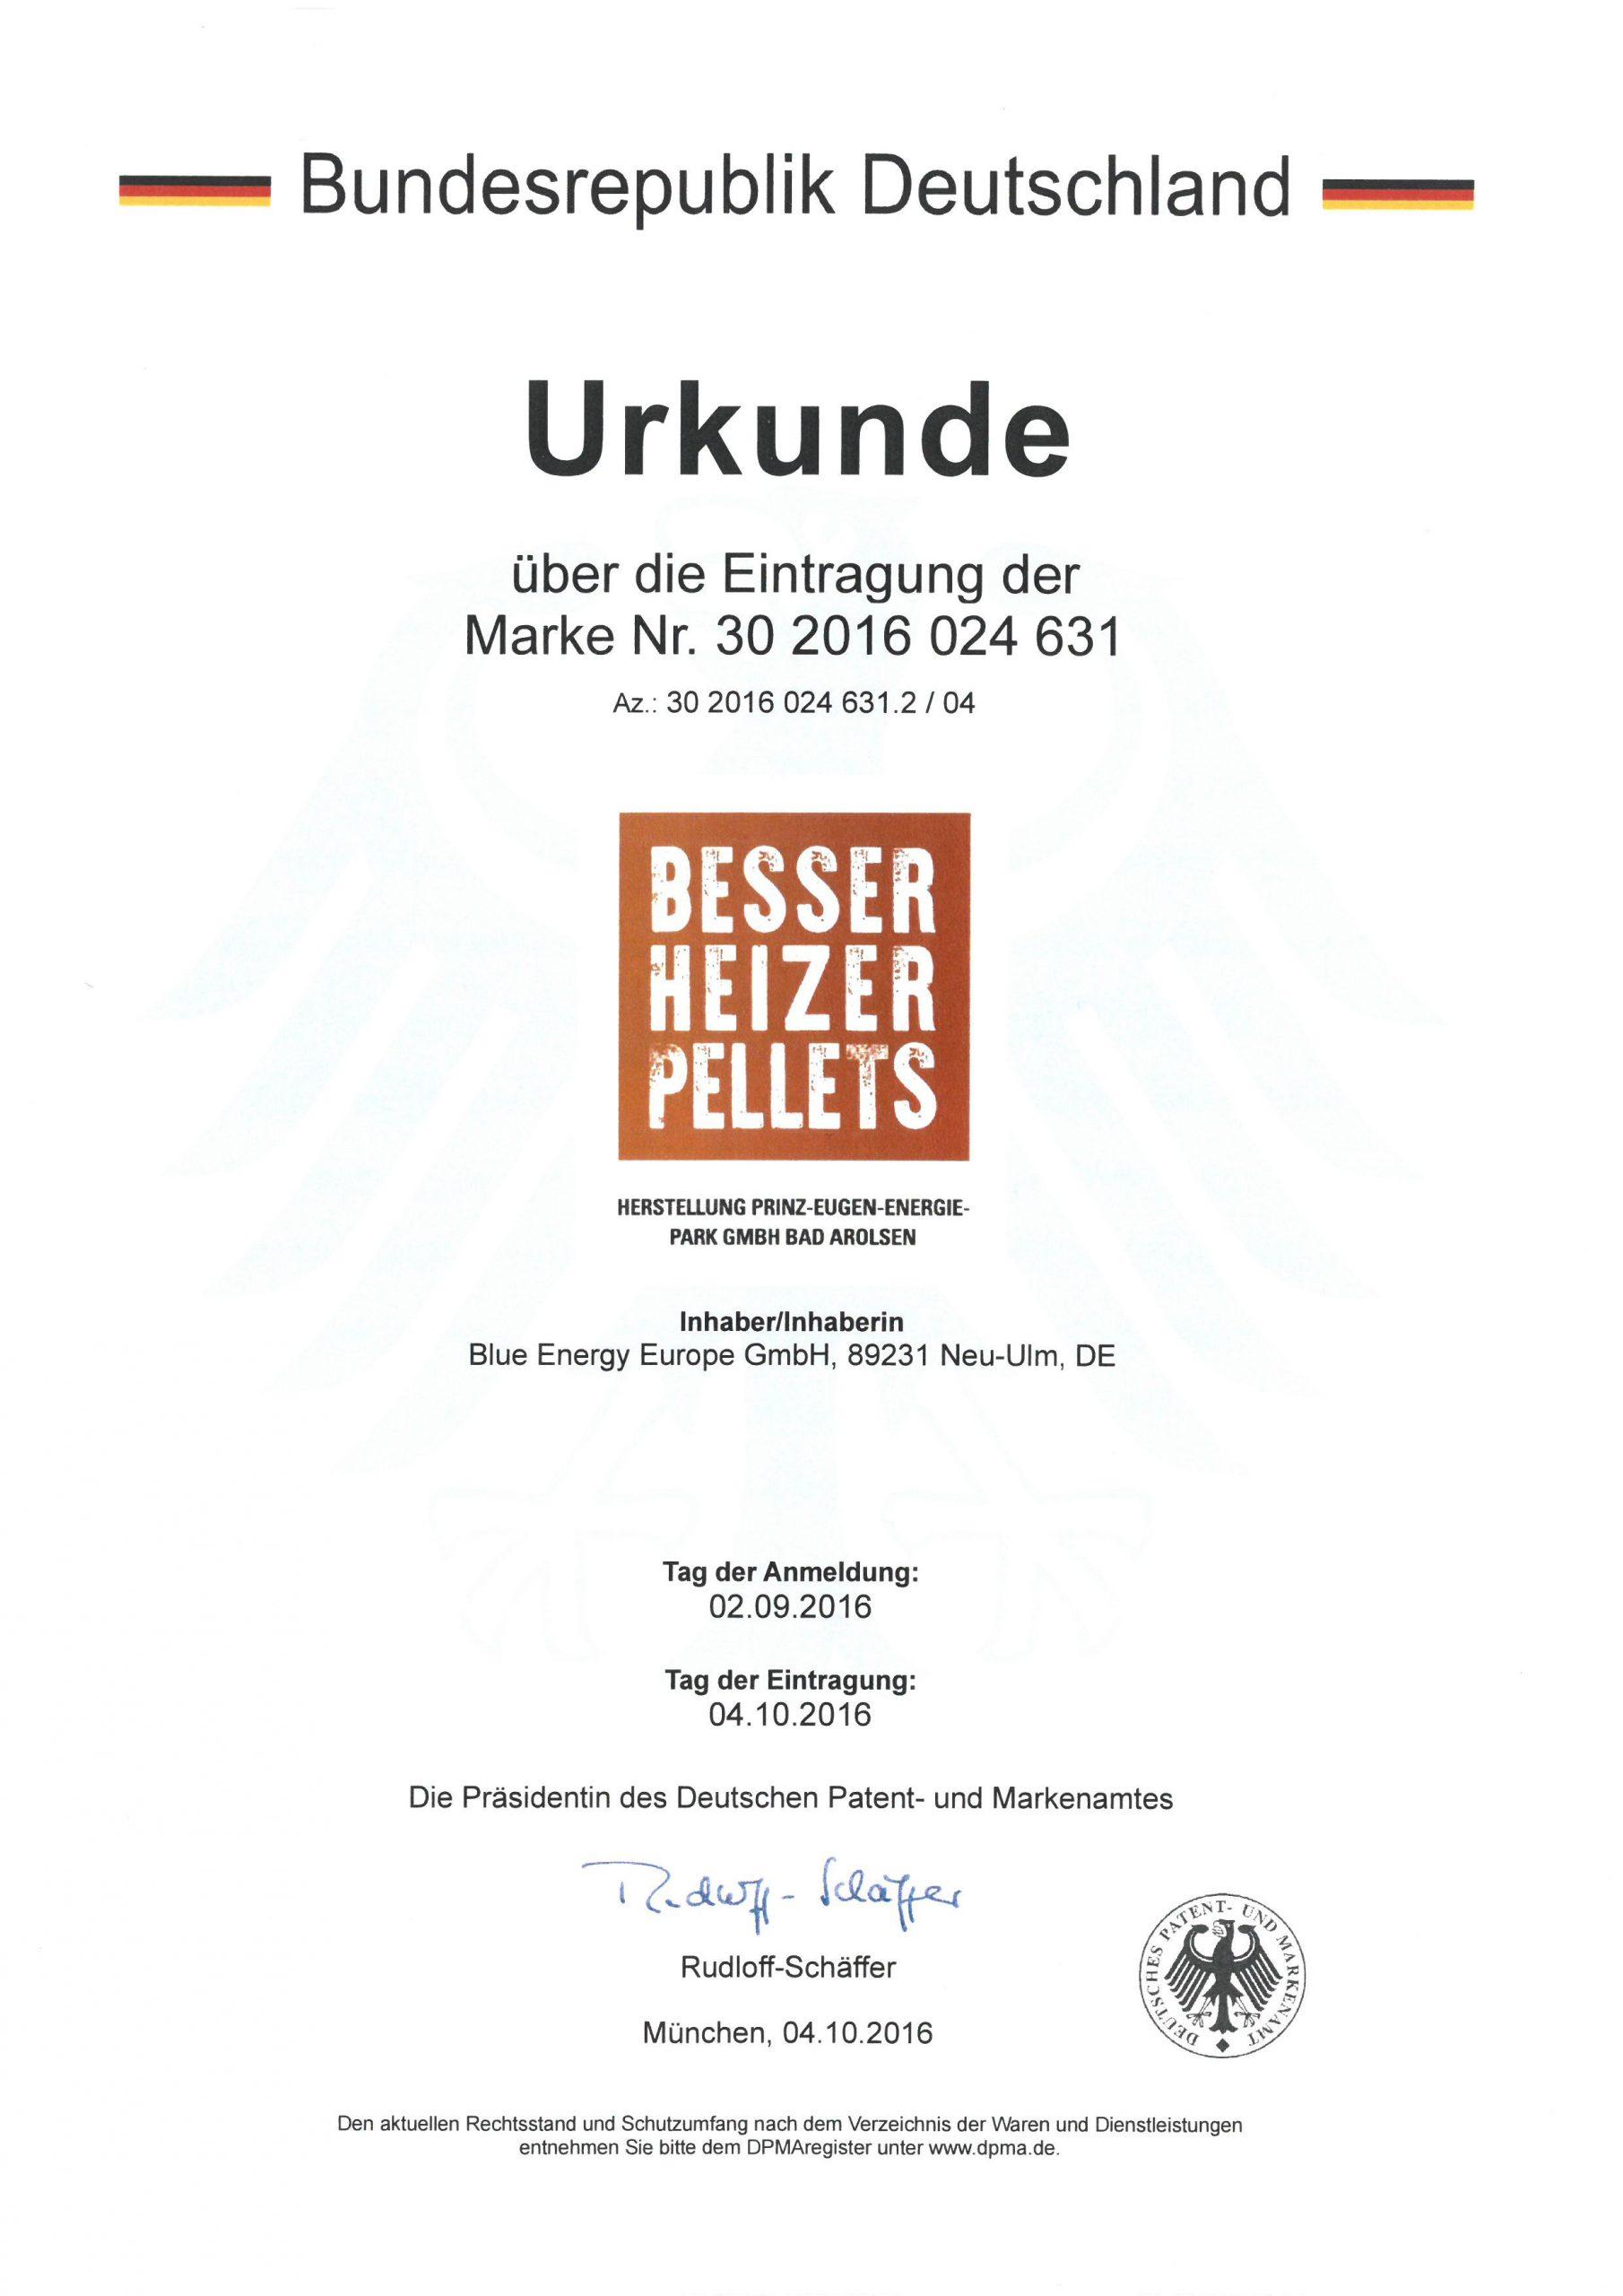 Patenturkunde Besserheizer-Pellets